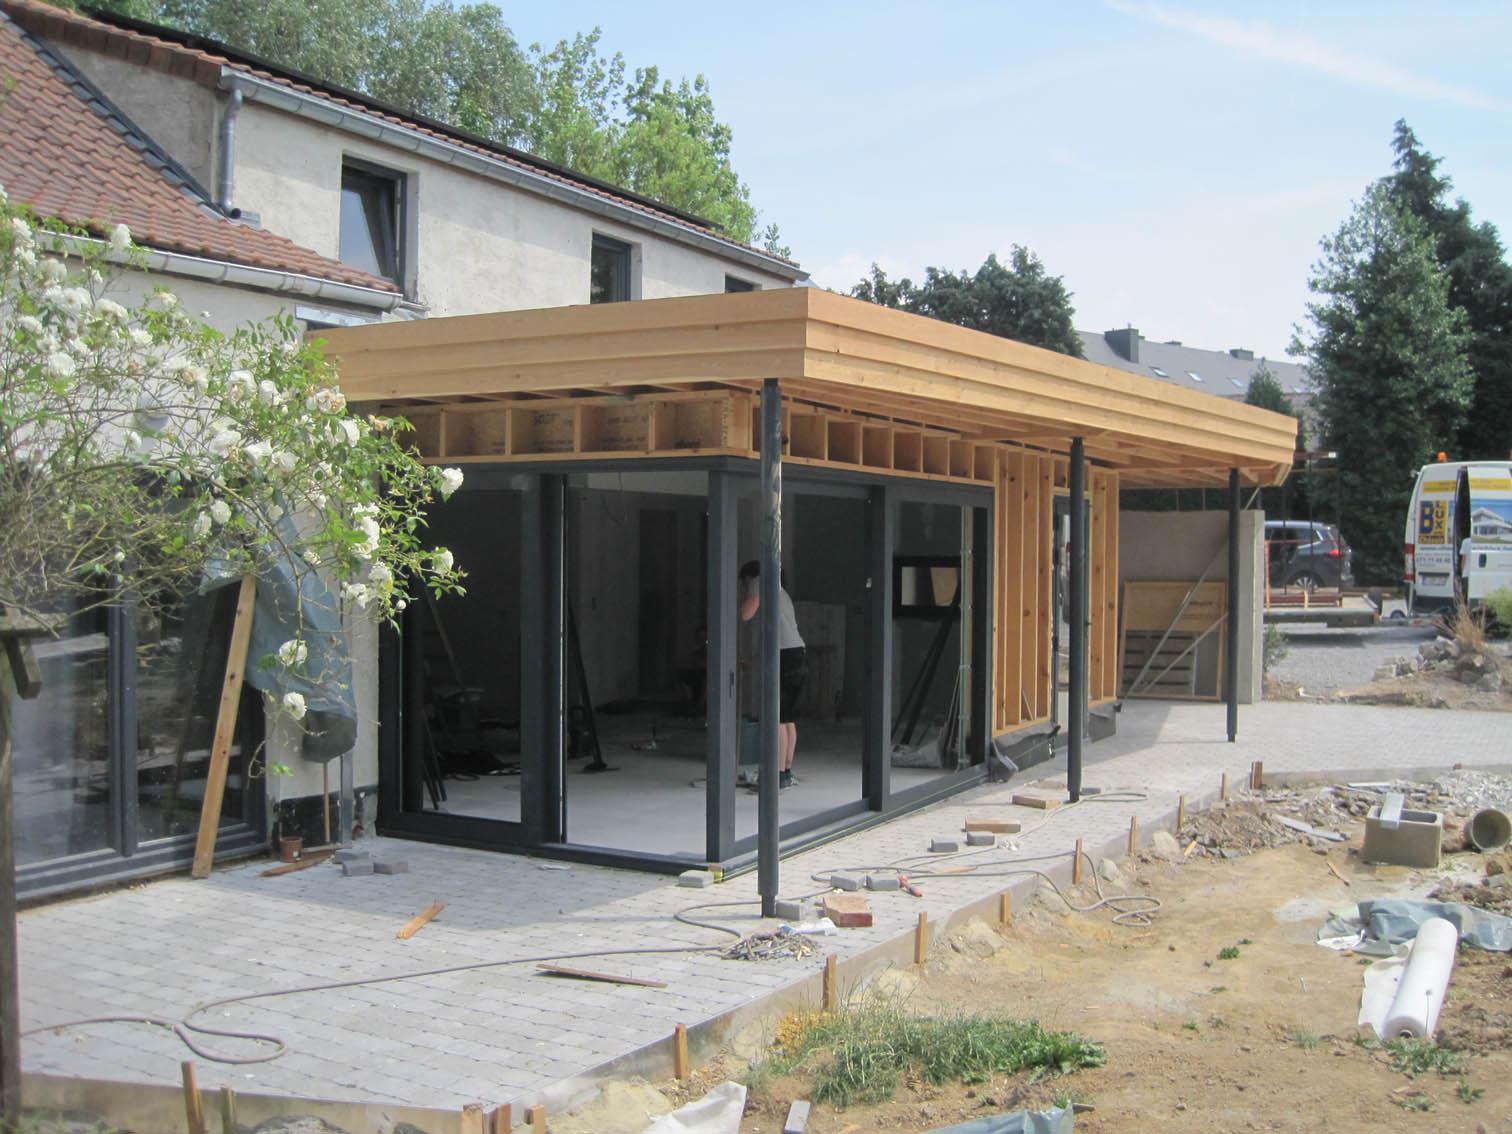 Projets D Architecture Ecologique Basse Energie Maison Passive En Bio Construction Ossature Bois Isolants Naturels Etc